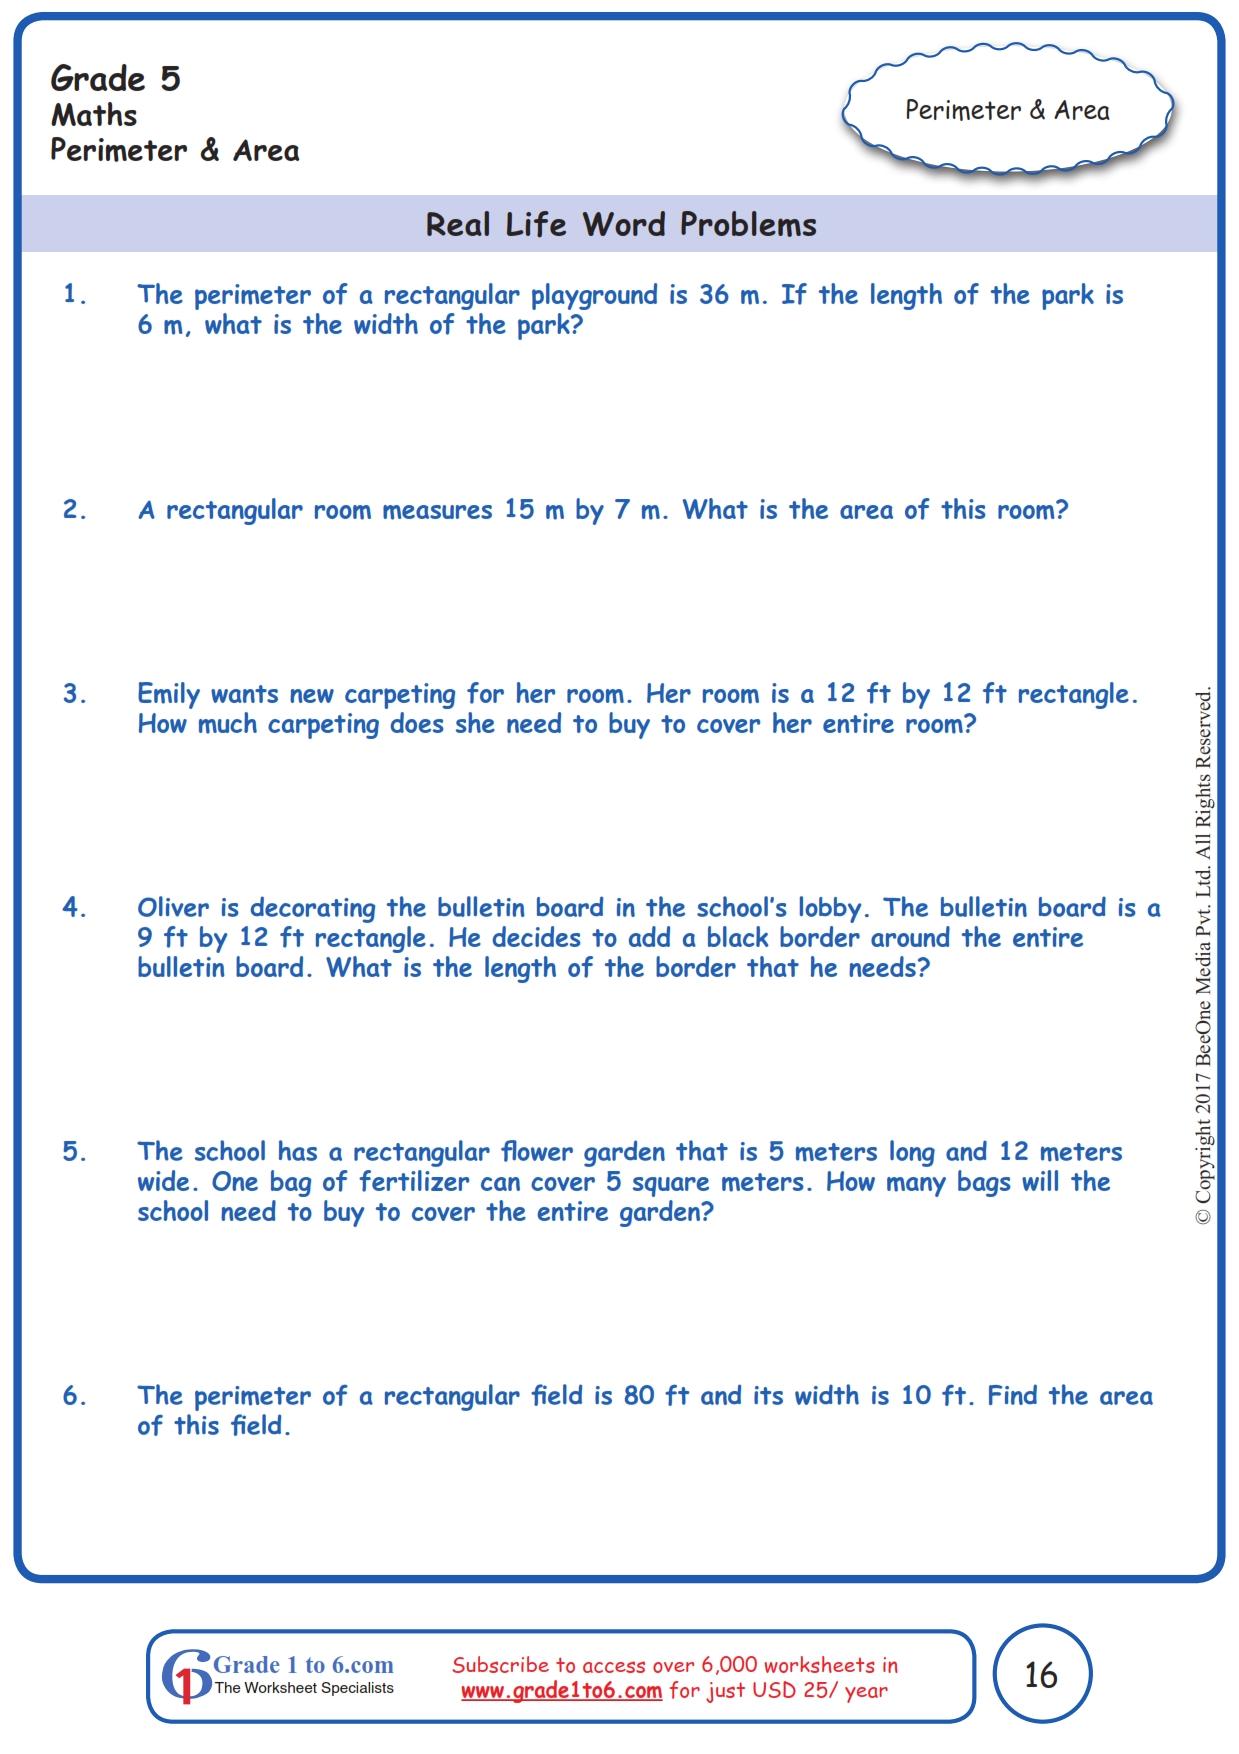 hight resolution of Area \u0026 Perimeter Word Problems  Grade 5  www.grade1to6.com